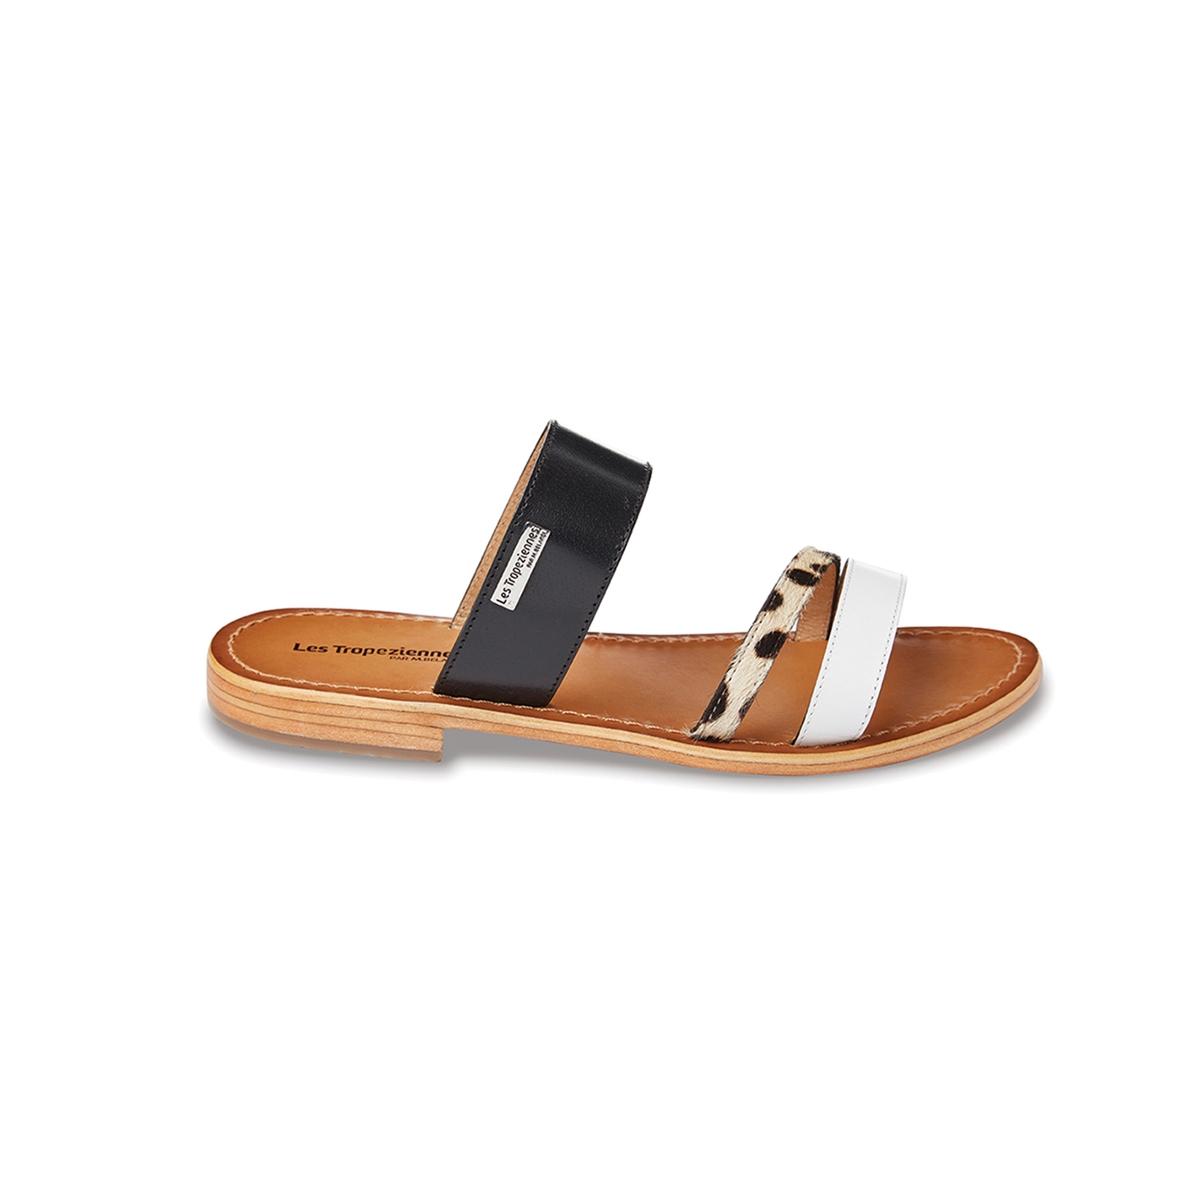 Сандалии плоские кожаные BalboaВерх/Голенище : кожа Подкладка : кожа Стелька : кожа Подошва : кожа Высота каблука : плоский Форма каблука : плоский каблук Мысок : открытый мысок Застежка : без застежки<br><br>Цвет: черный<br>Размер: 40